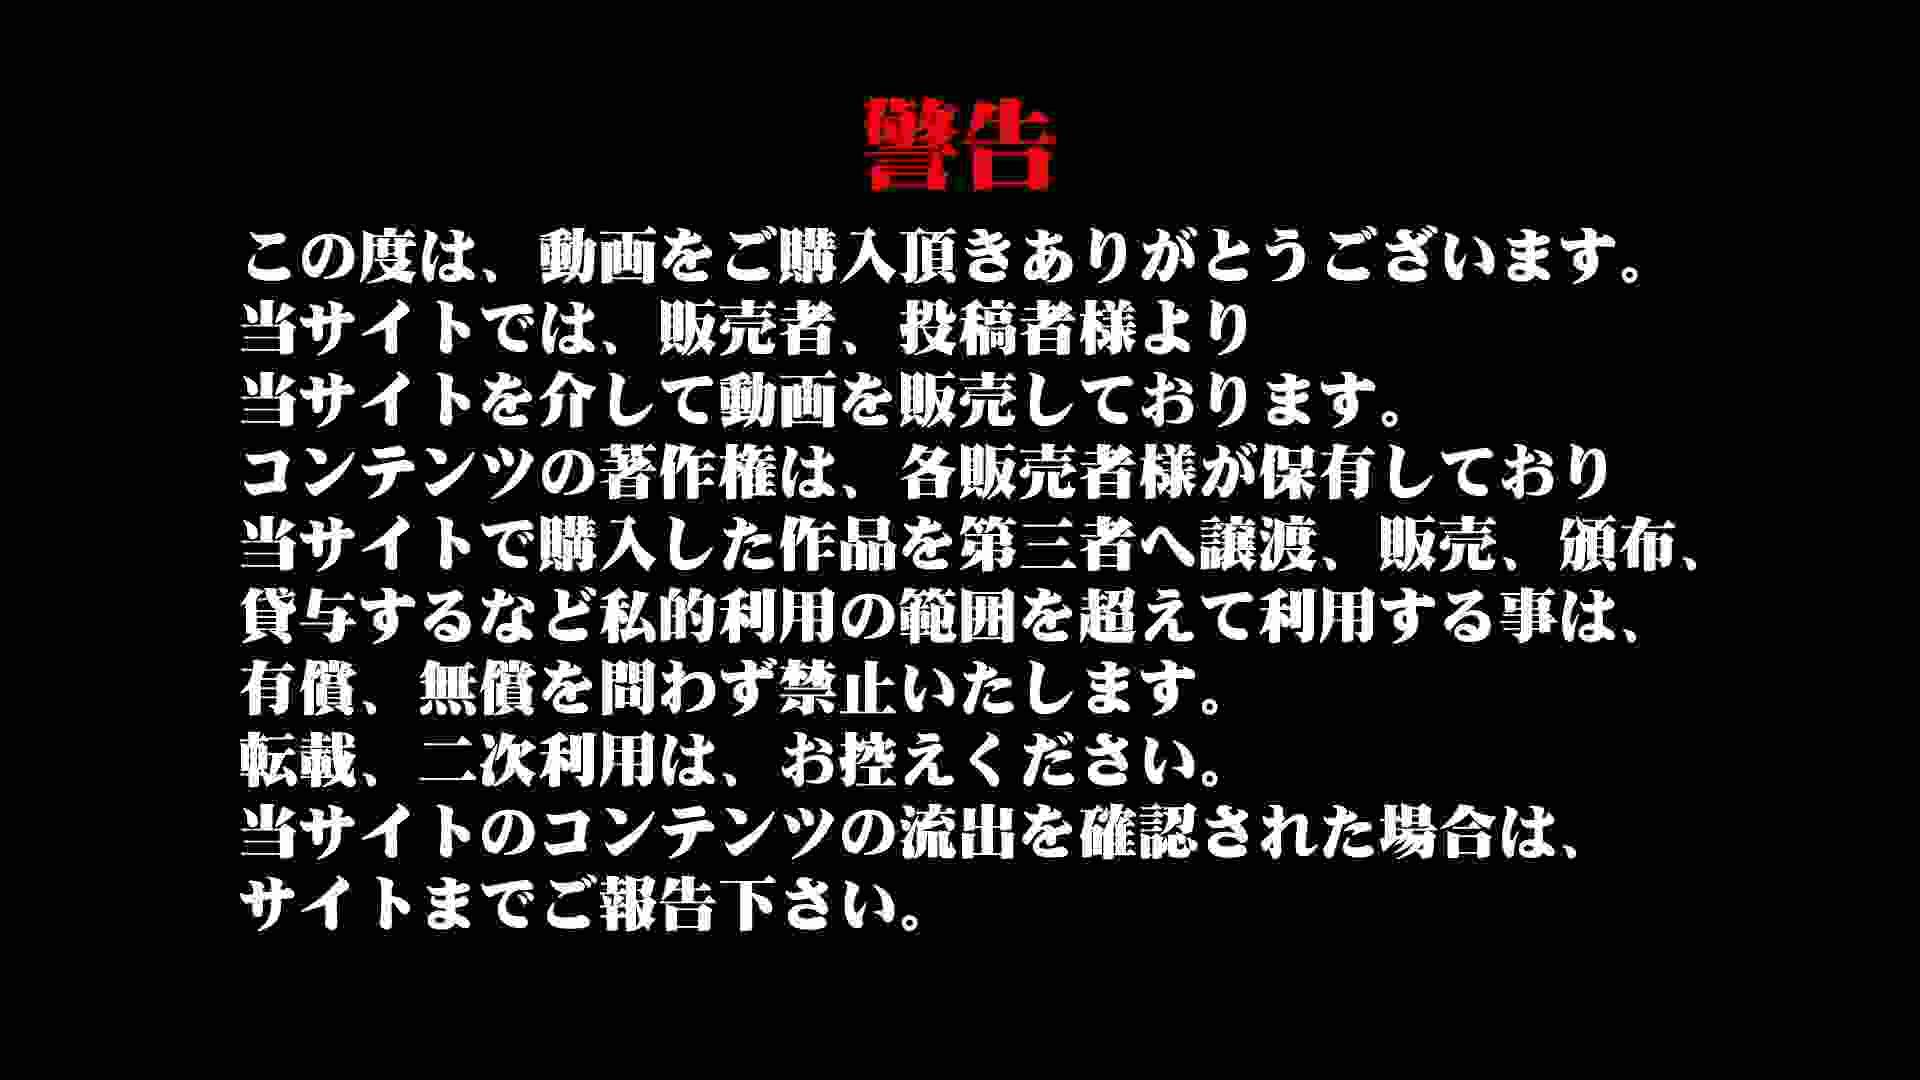 ギャルのツルピカ潜入盗撮!Vol.08 うんこ好き | ギャル・コレクション  96連発